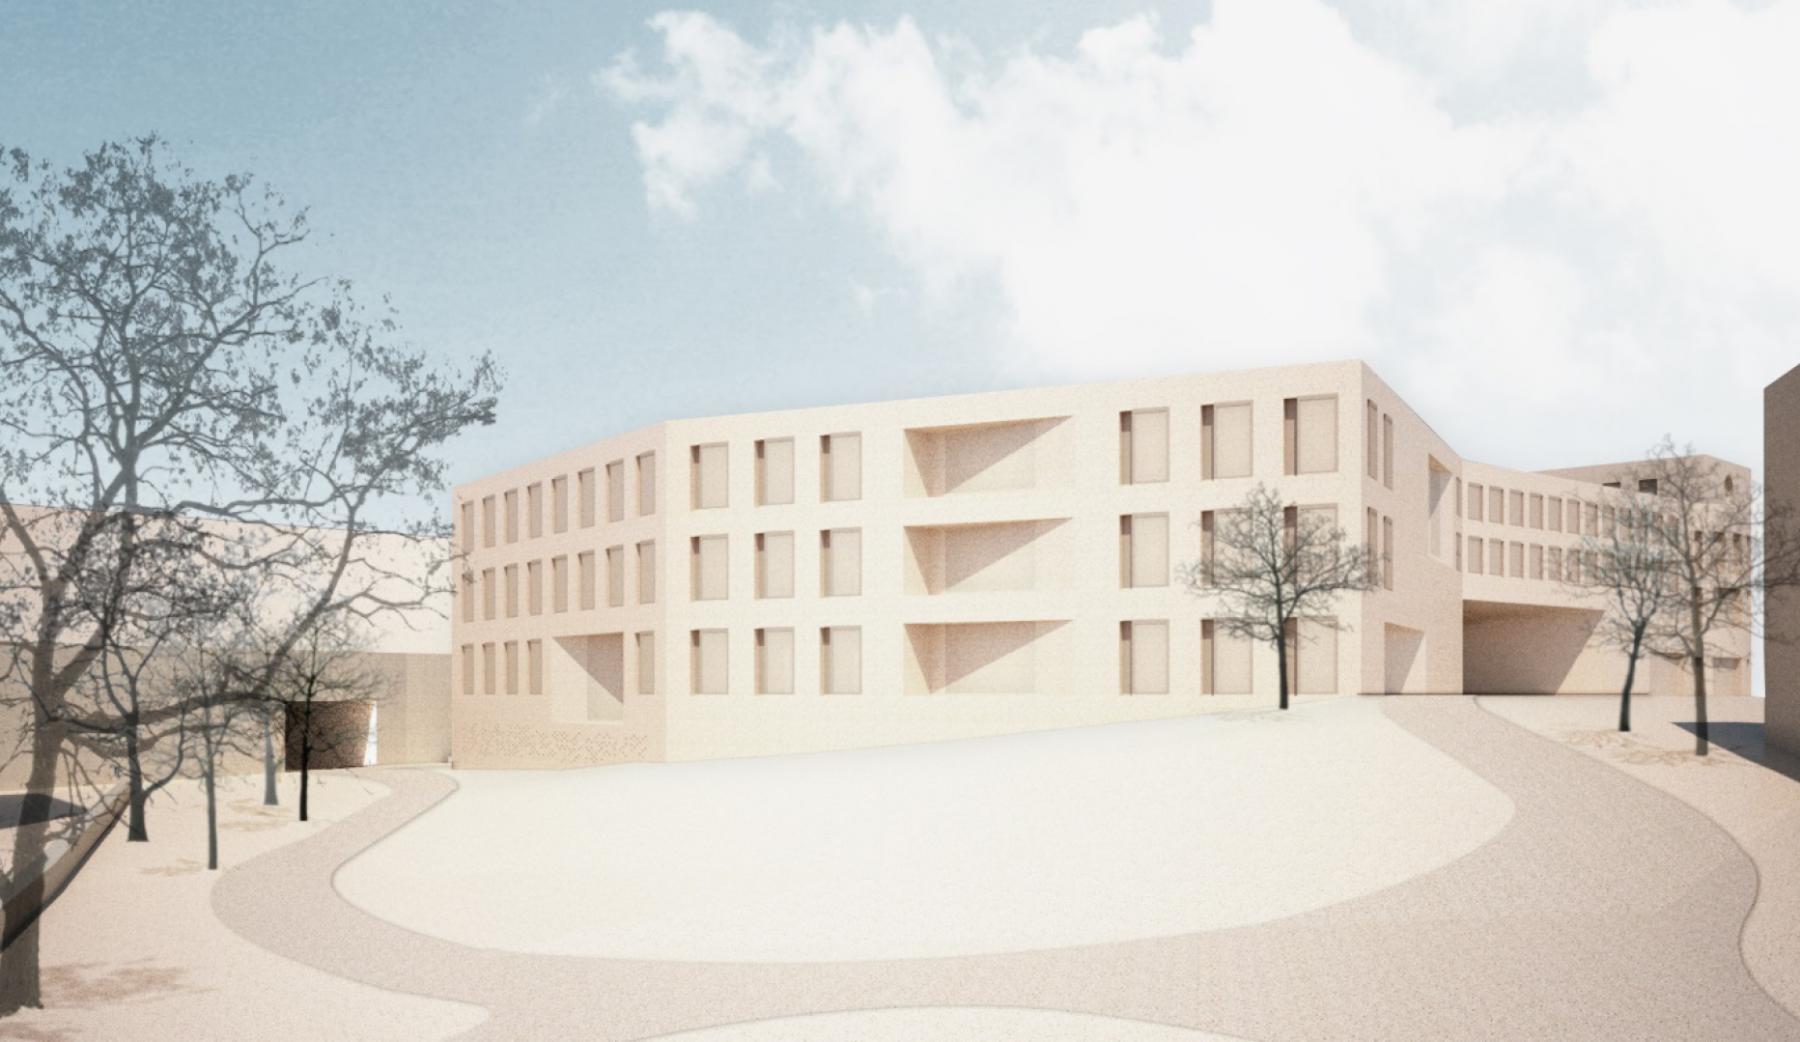 Neubau Malagarain, Bezirksgericht + Kantonspolizeiposten Lenzburg, Herzog Architekten, LOZENGE